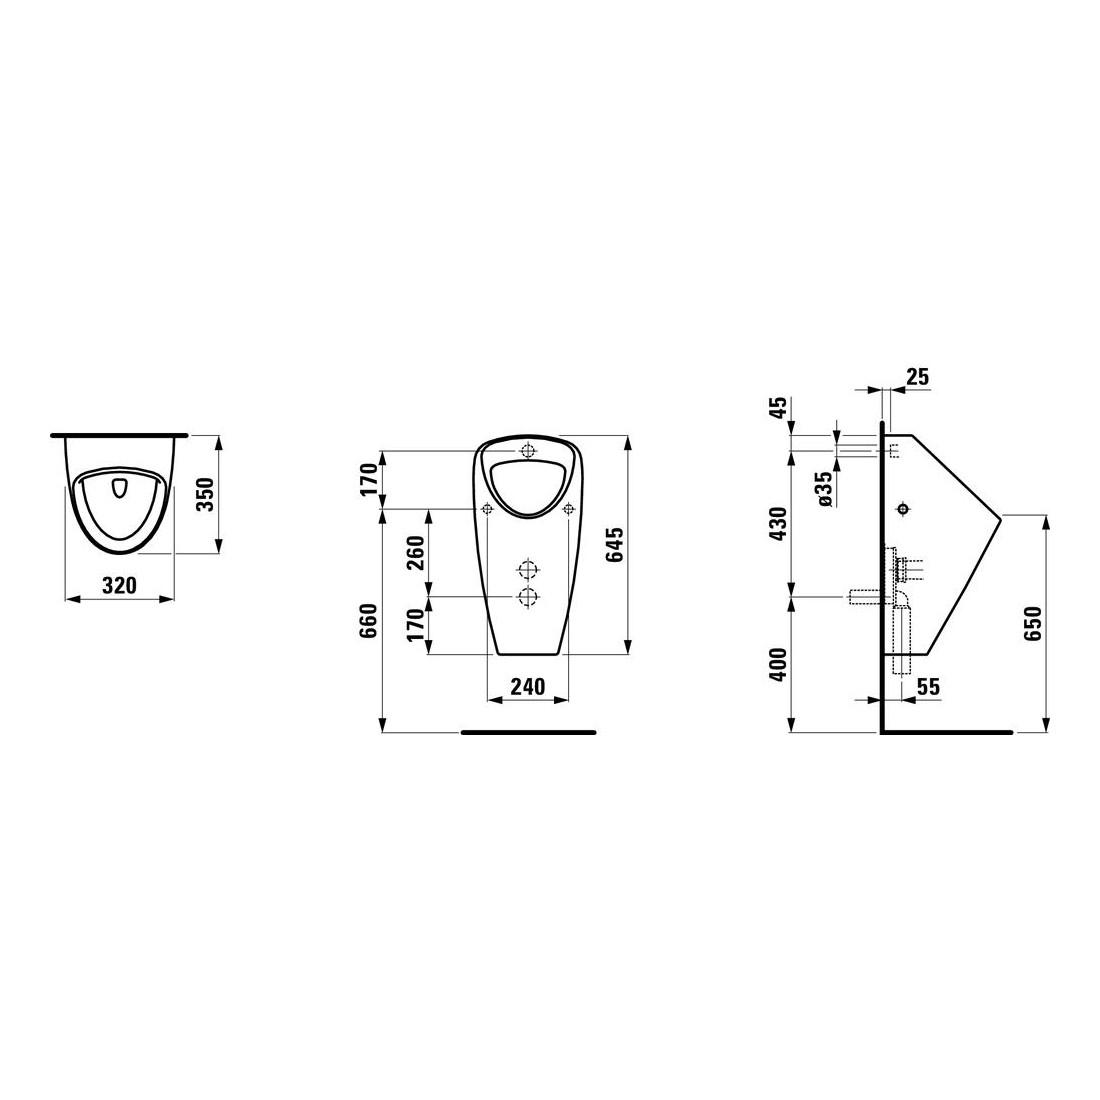 Pisuaras Caprino Plus 320x350x645 mm, be valdymo sist., išorinis vand. įv., kompl. mont. skirtas rink. 8.9280.8, baltas